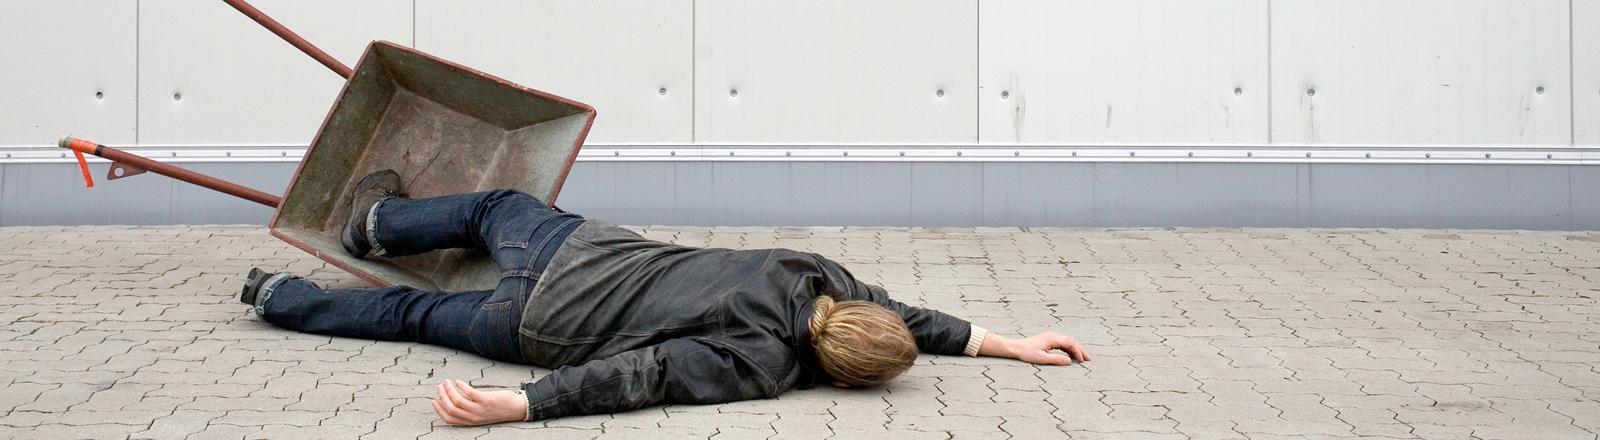 Ein Mann liegt auf dem Boden